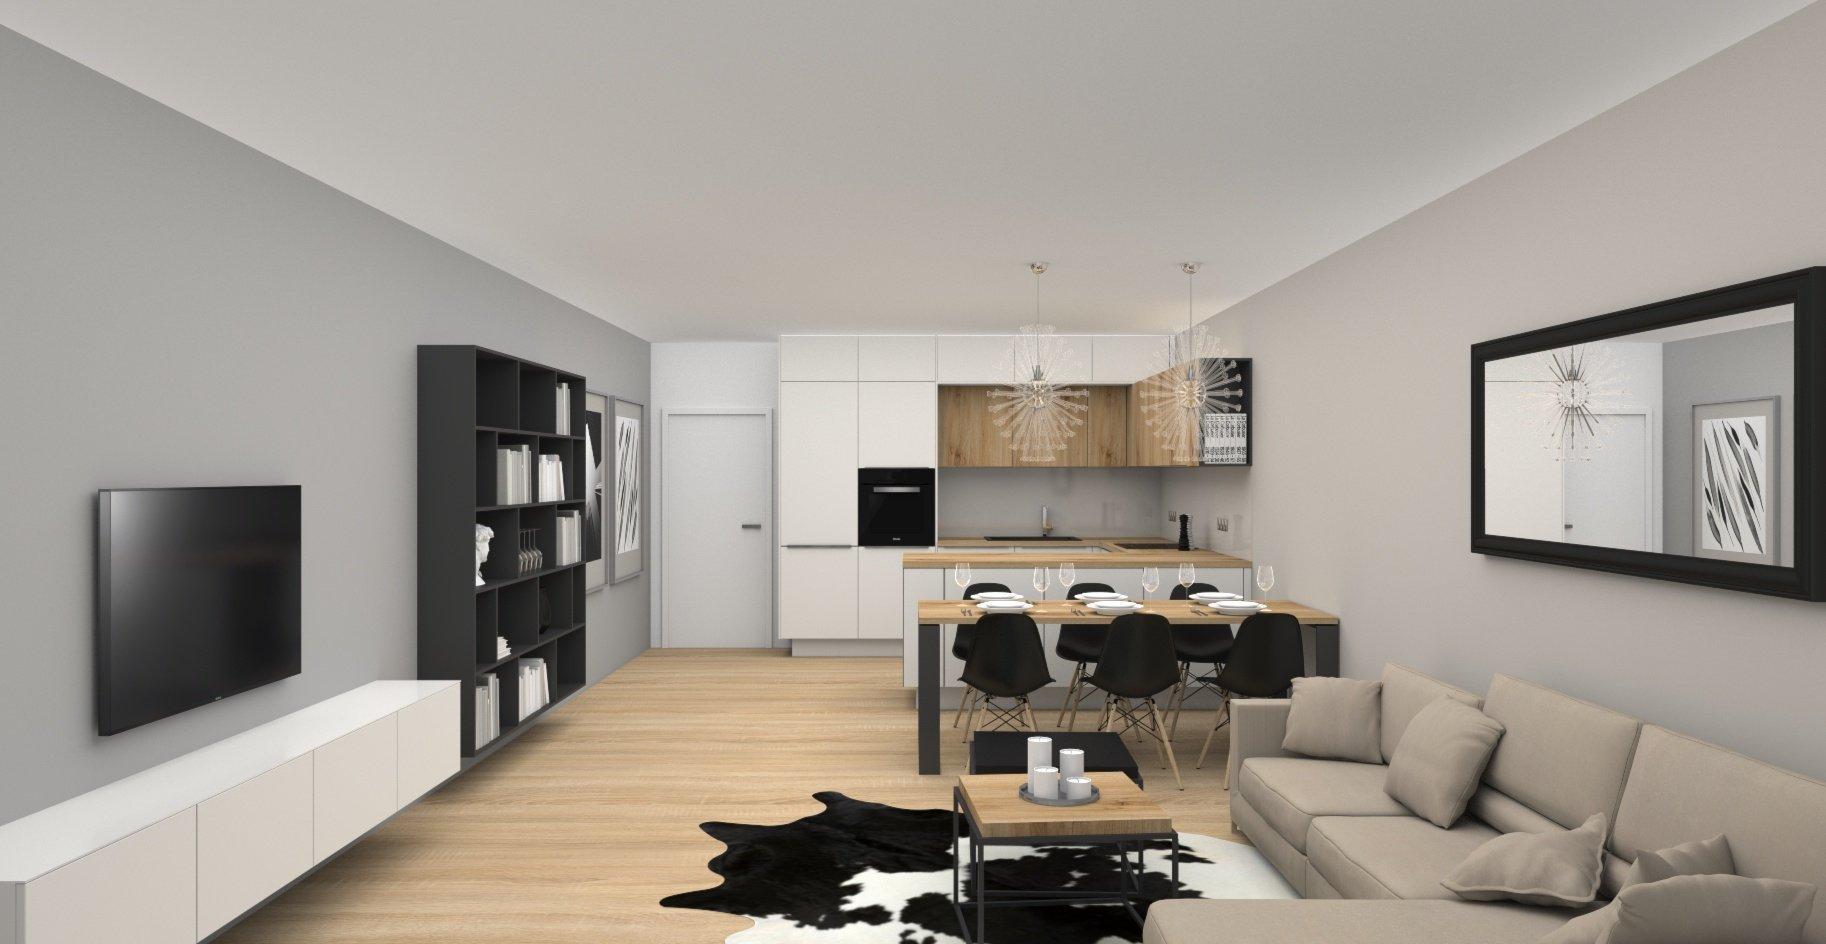 Návrh interiéru bytu